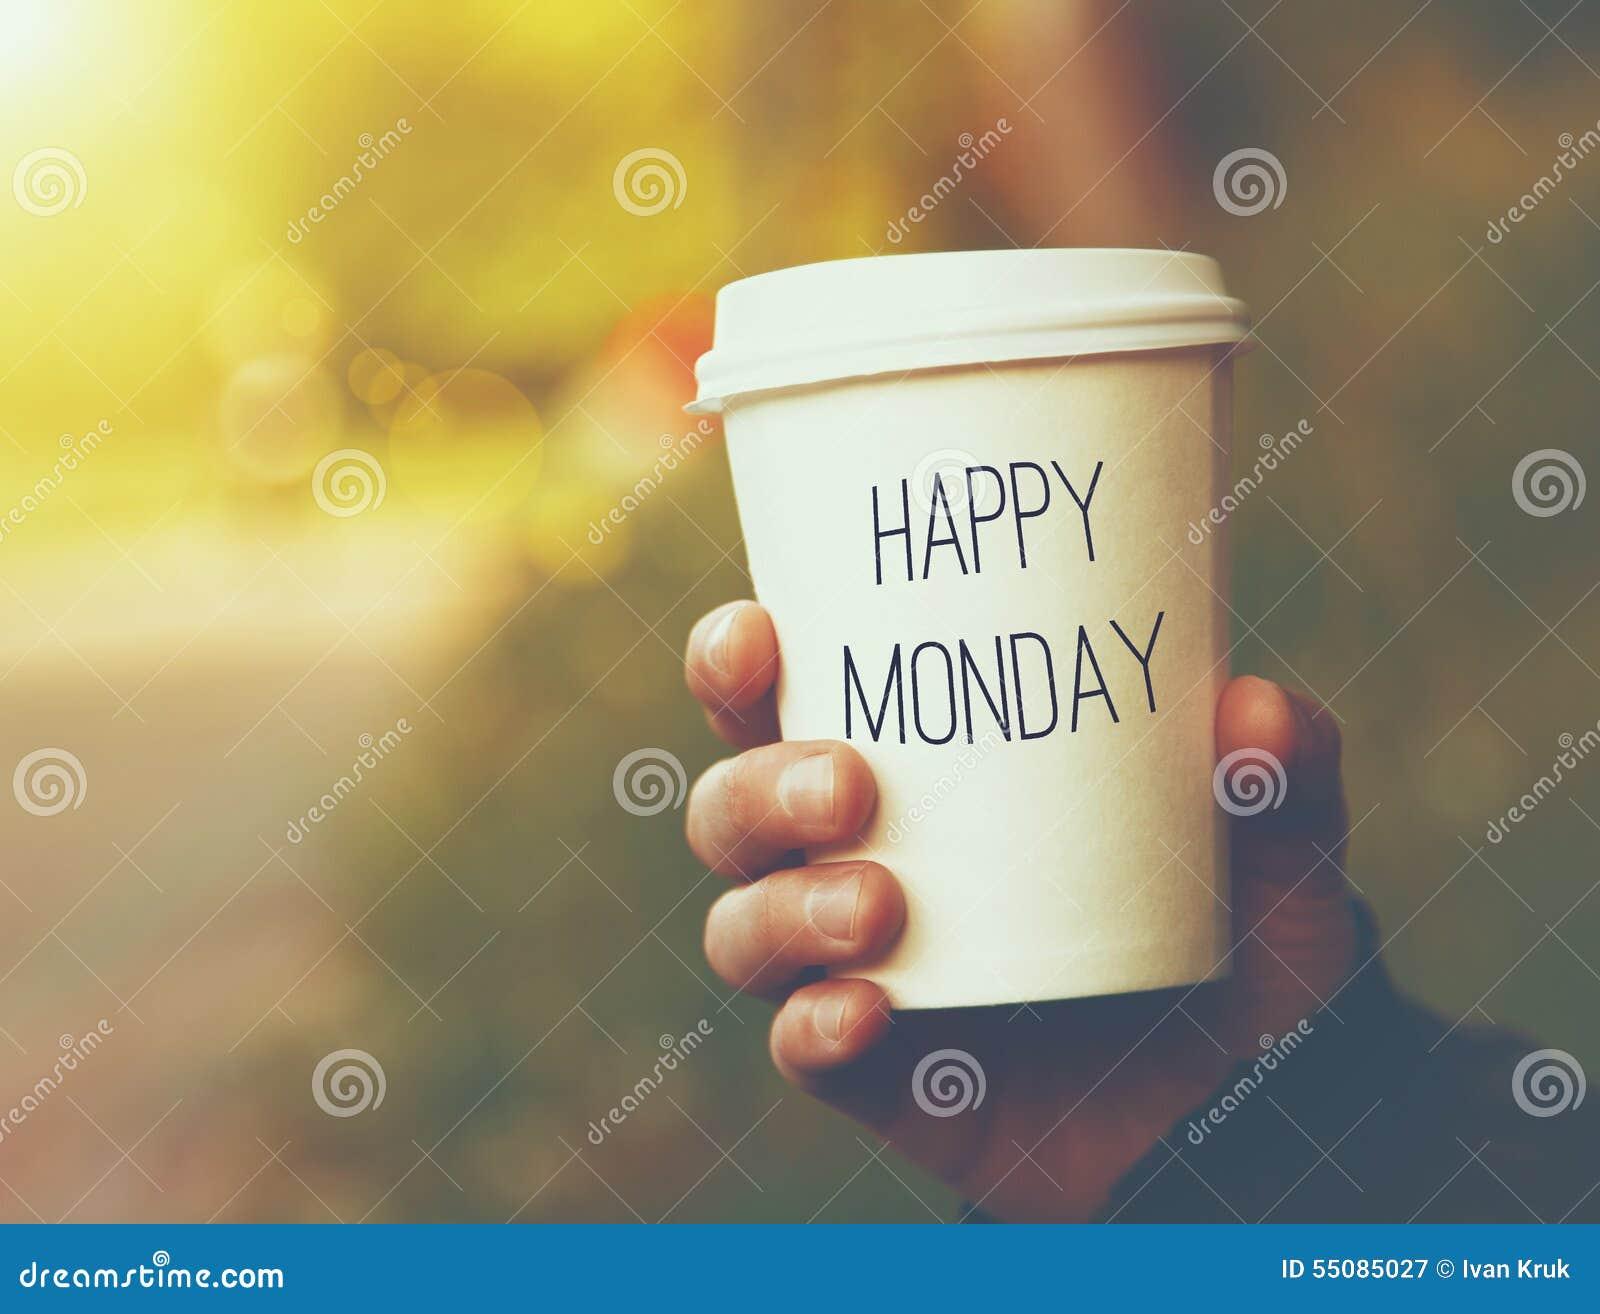 Tazza di caffè di carta lunedì felice